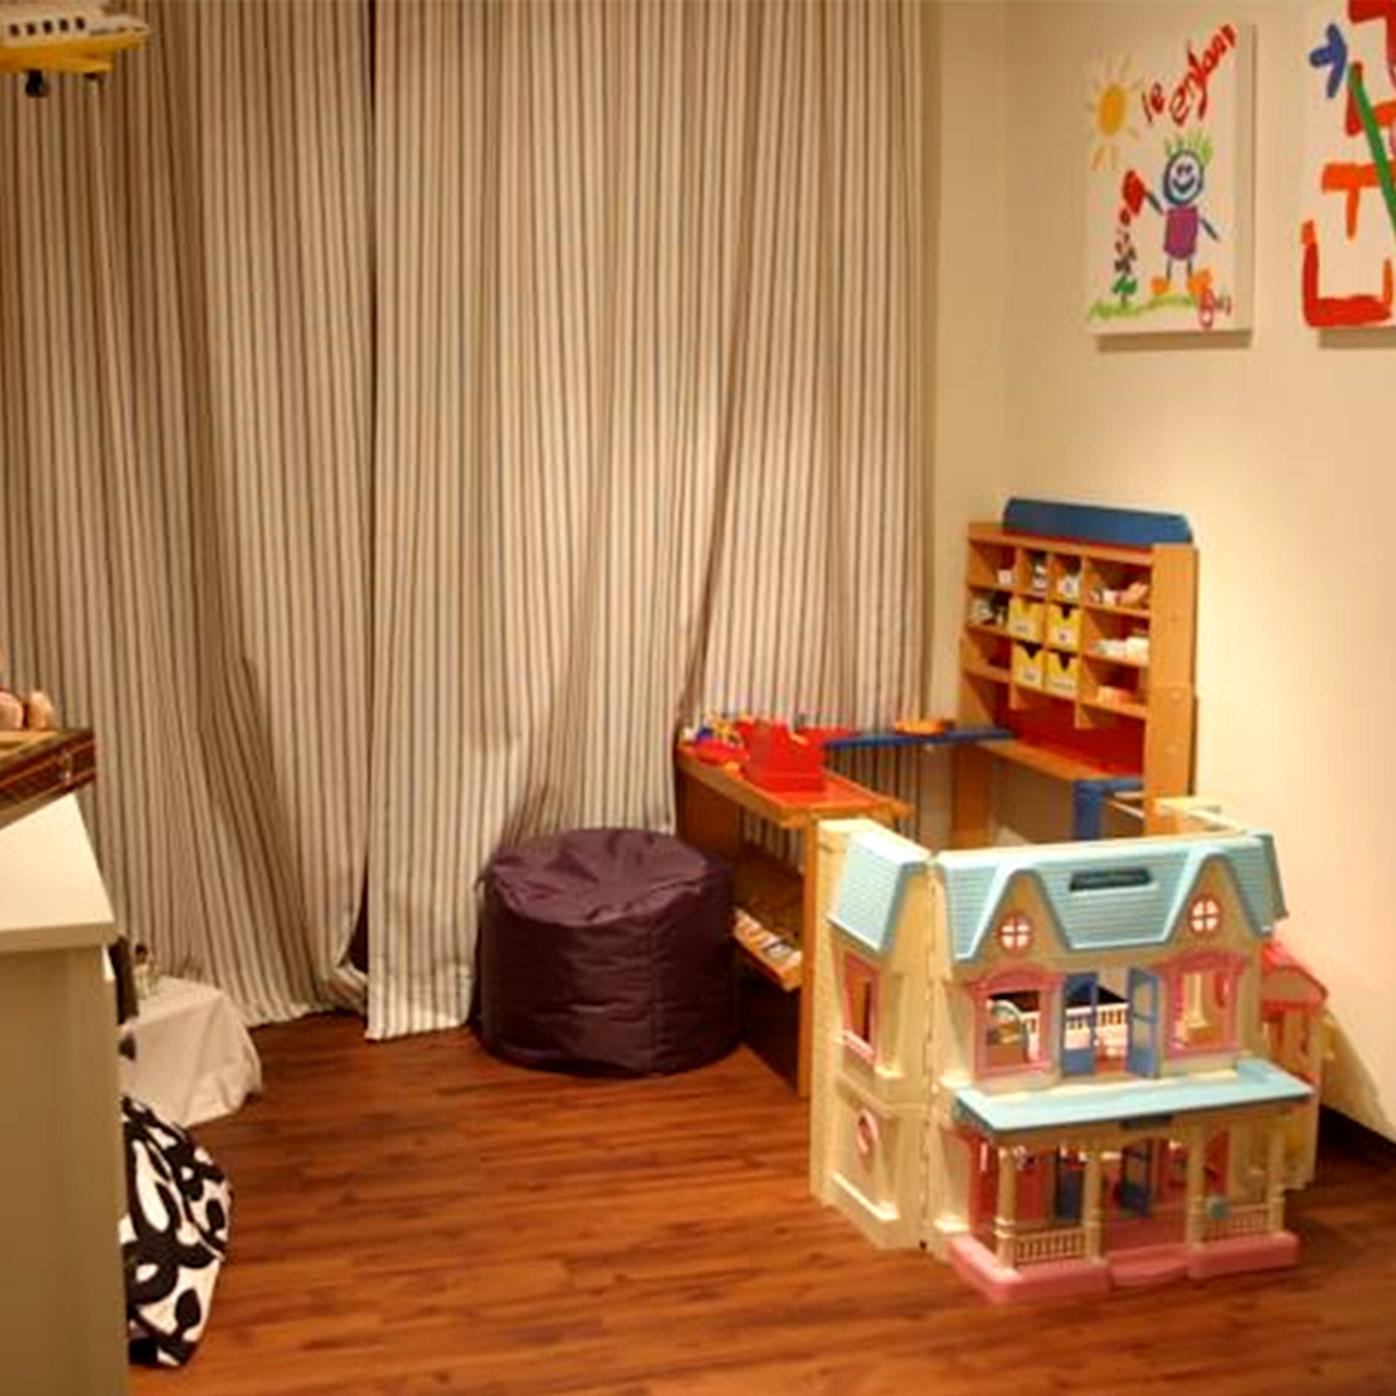 Für unsere kleinen Gäste haben wir ein Spielzimmer eingerichtet – damit auch regnerische Tage nicht langweilig werden!